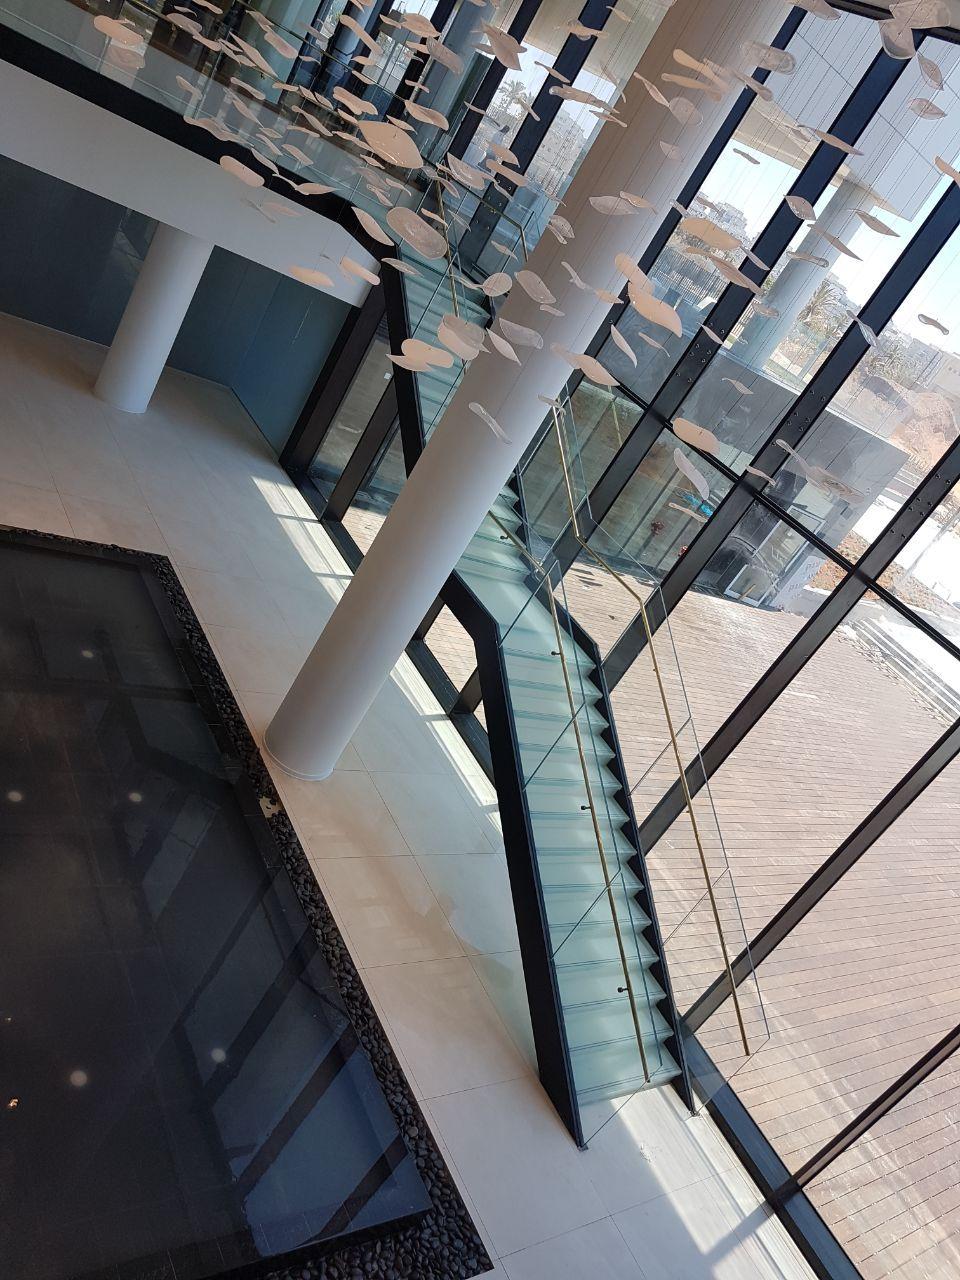 גרם מדרגות וגשר, מלון לגון, נתניה תמונה מספר 5